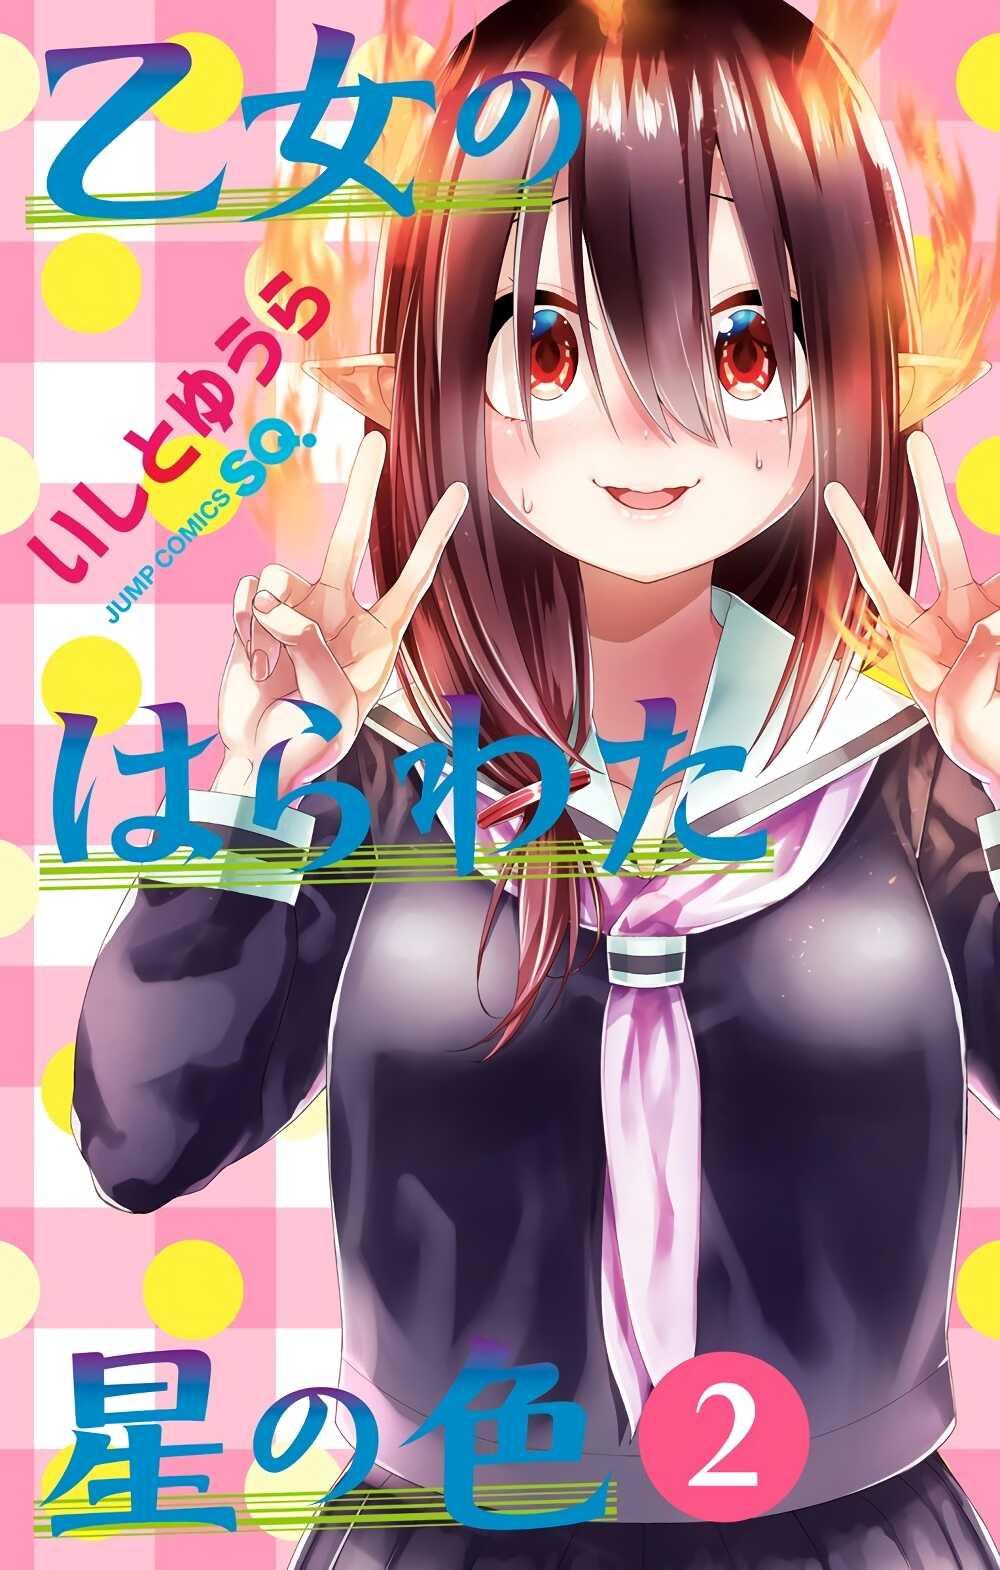 Otome no Harawata Hoshi no Iro คว้าหัวใจสาวน้อยแห่งดวงดาว